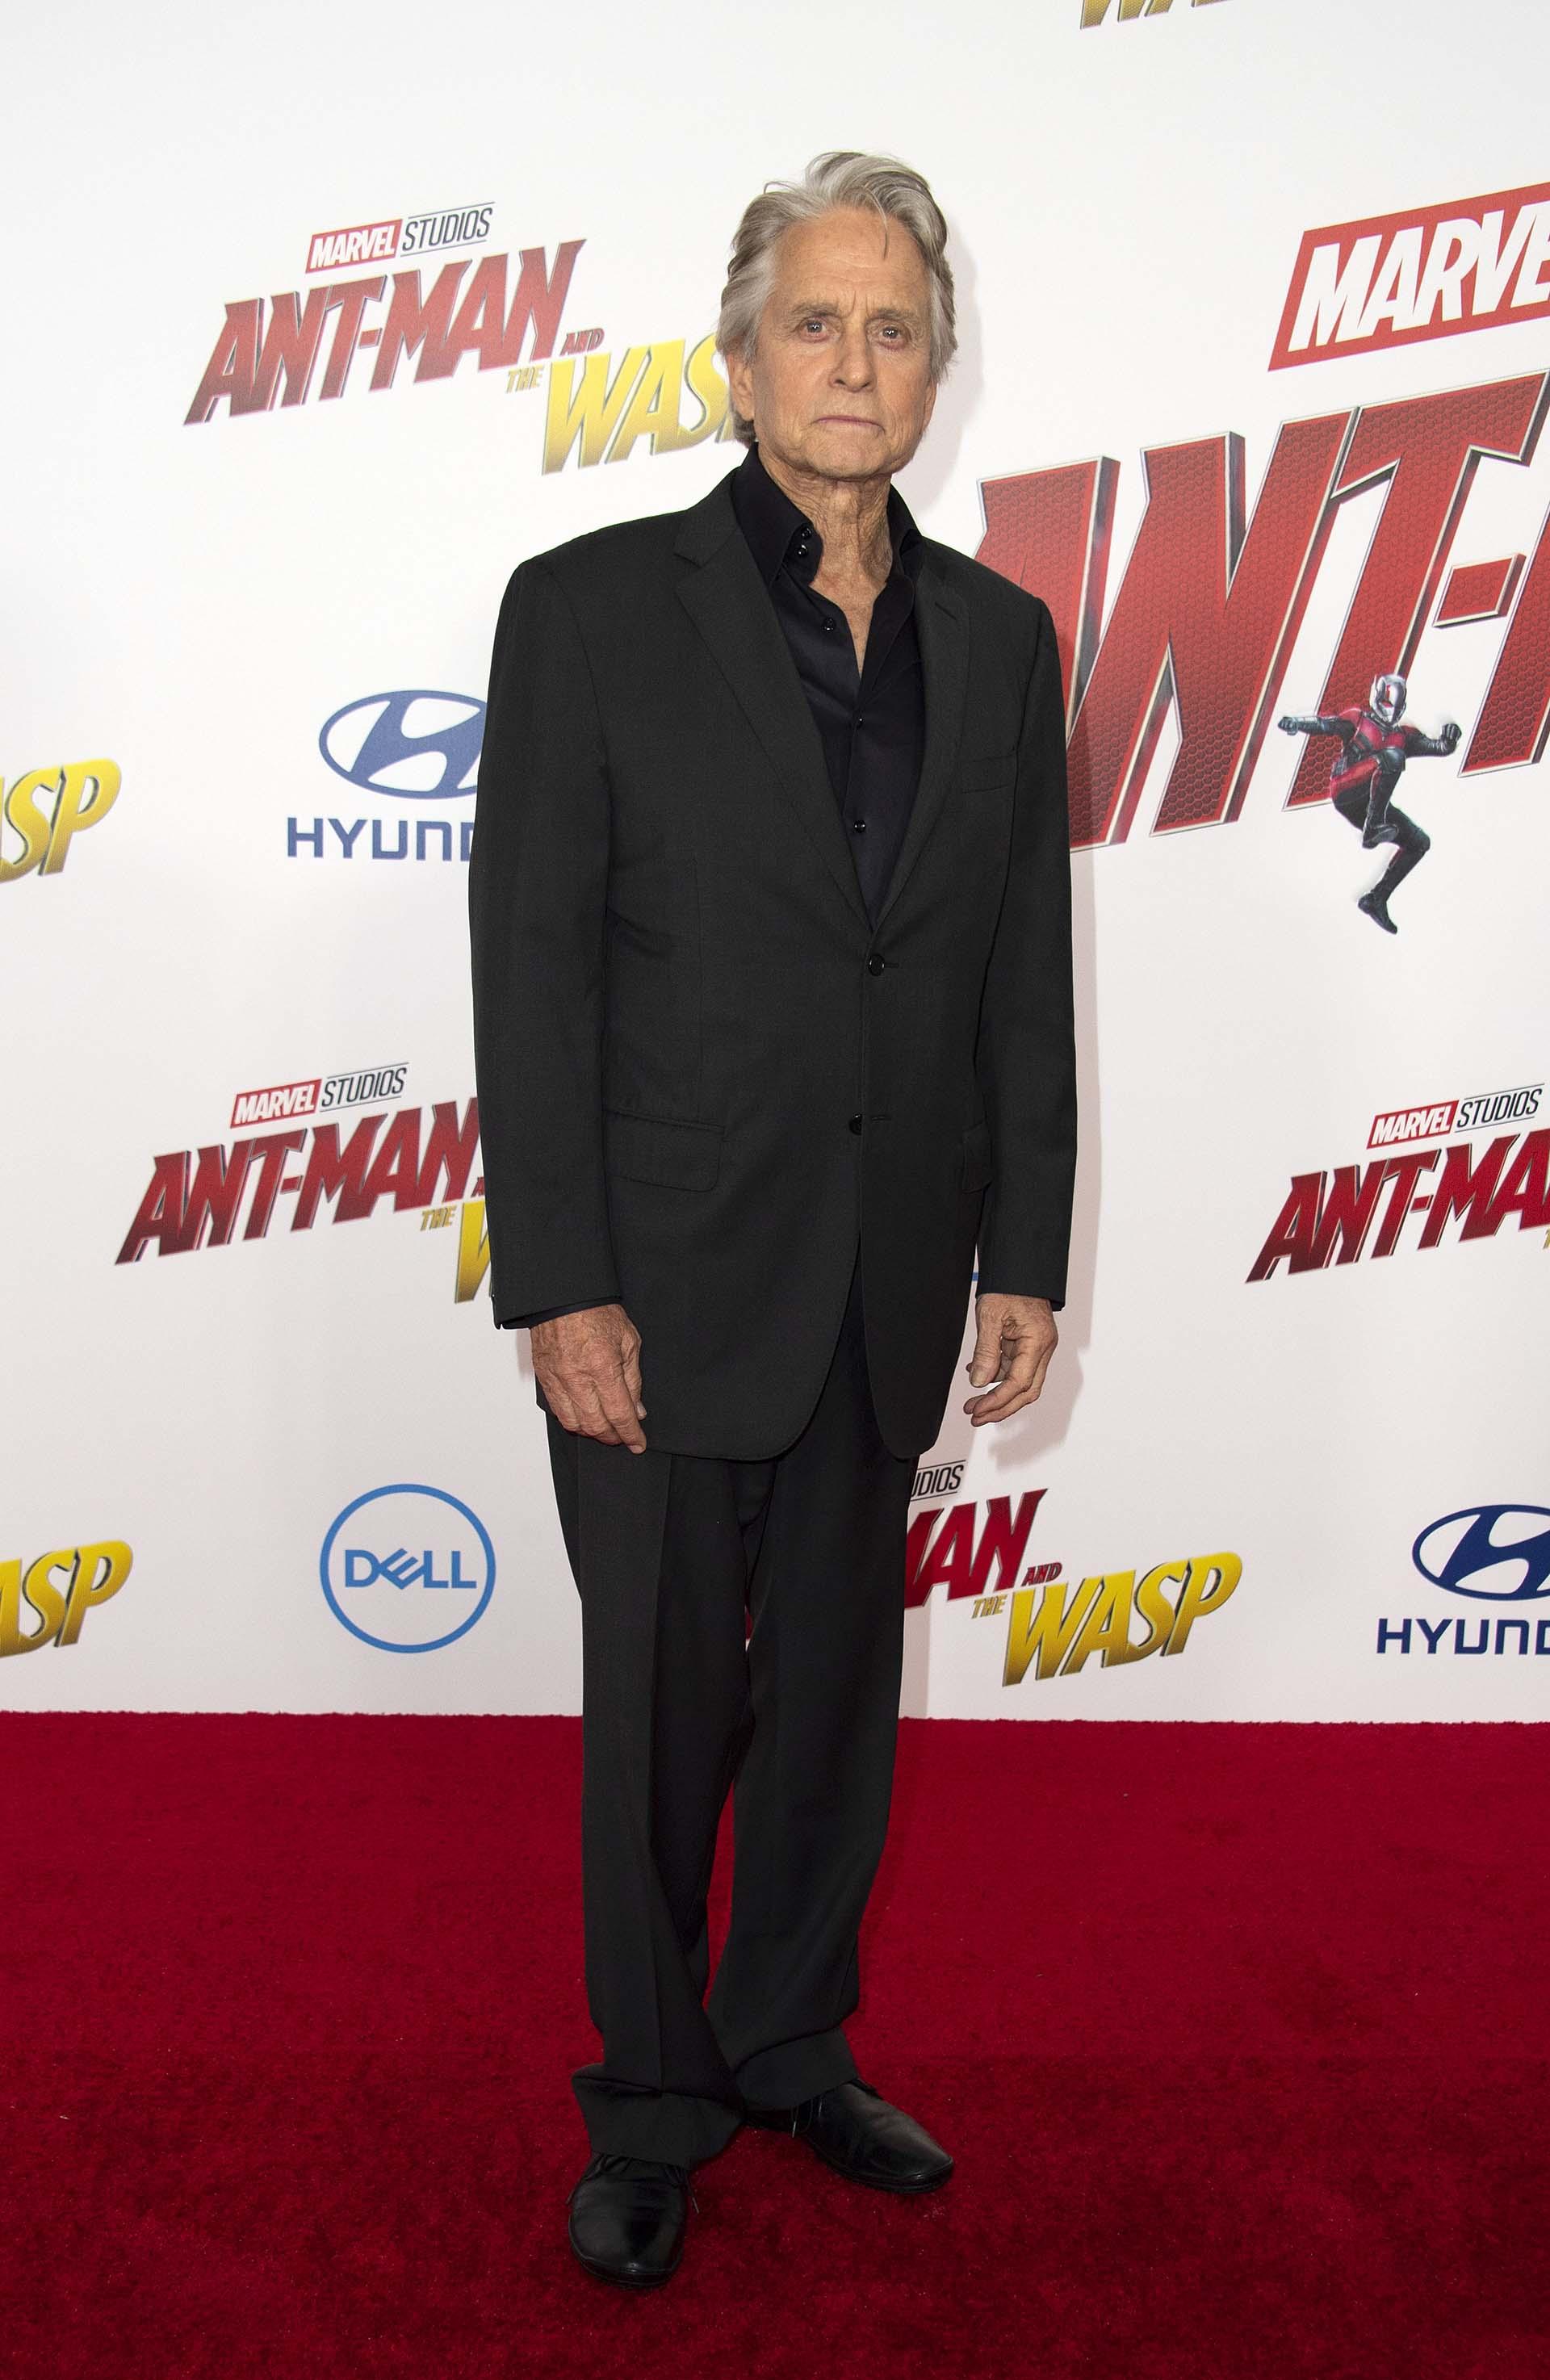 A punto de cumplir 74 años, Michael Douglas integra estenuevo capítulo en el universo cinematográfico de Marvel, donde los héroes poseen la asombrosa habilidad de encogerse